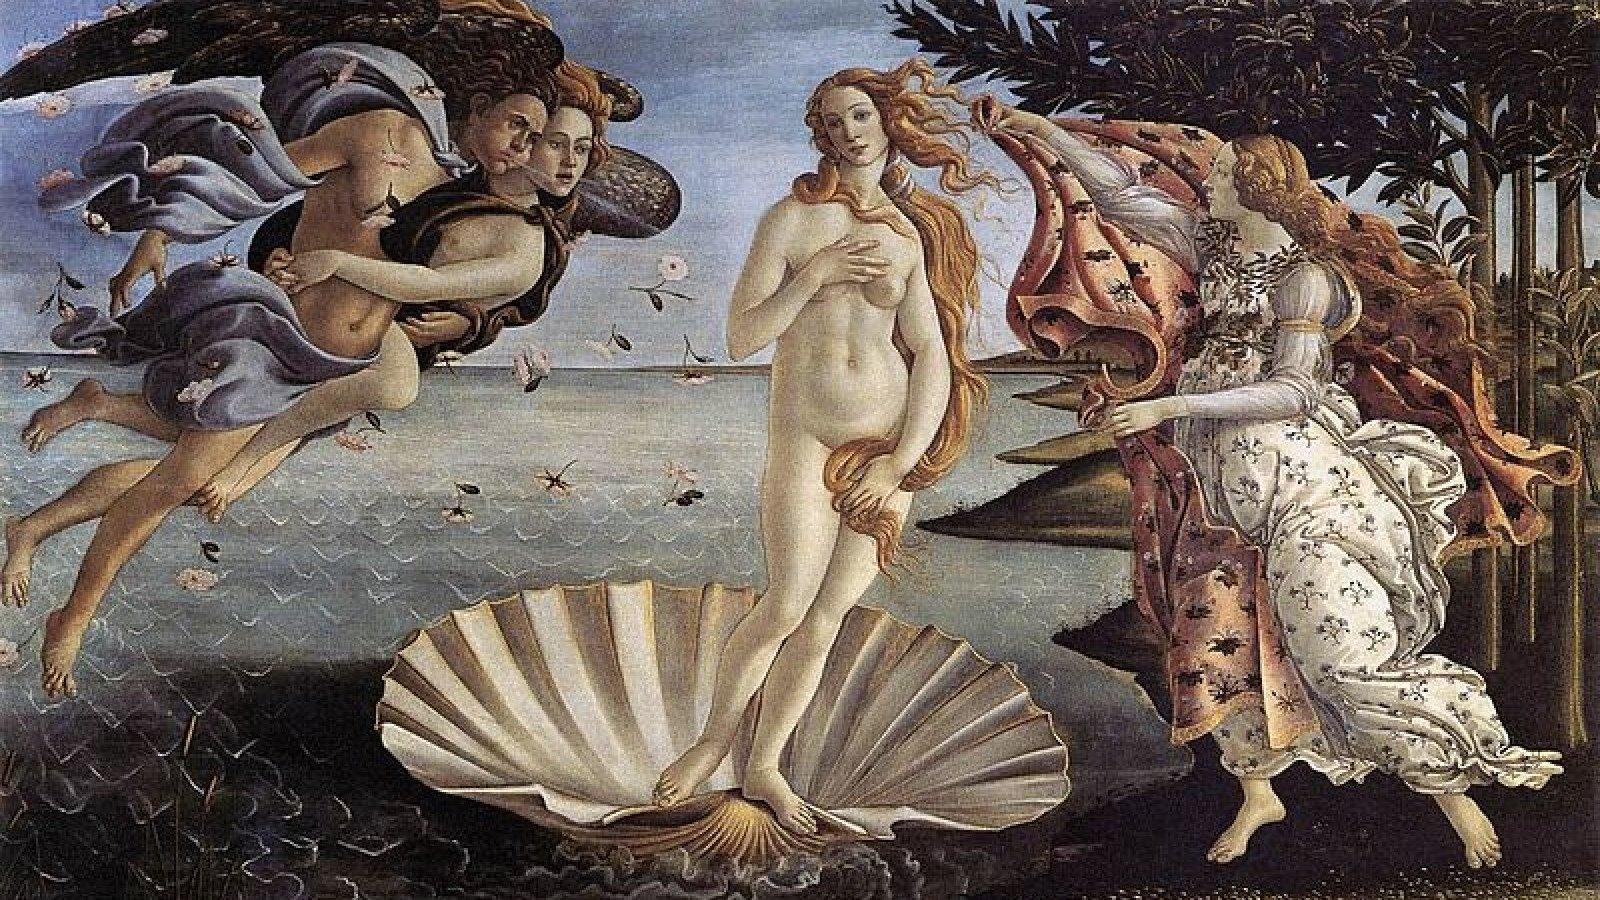 El nacimiento de Venus es una de las obras más reconocidas de la historia del arte.